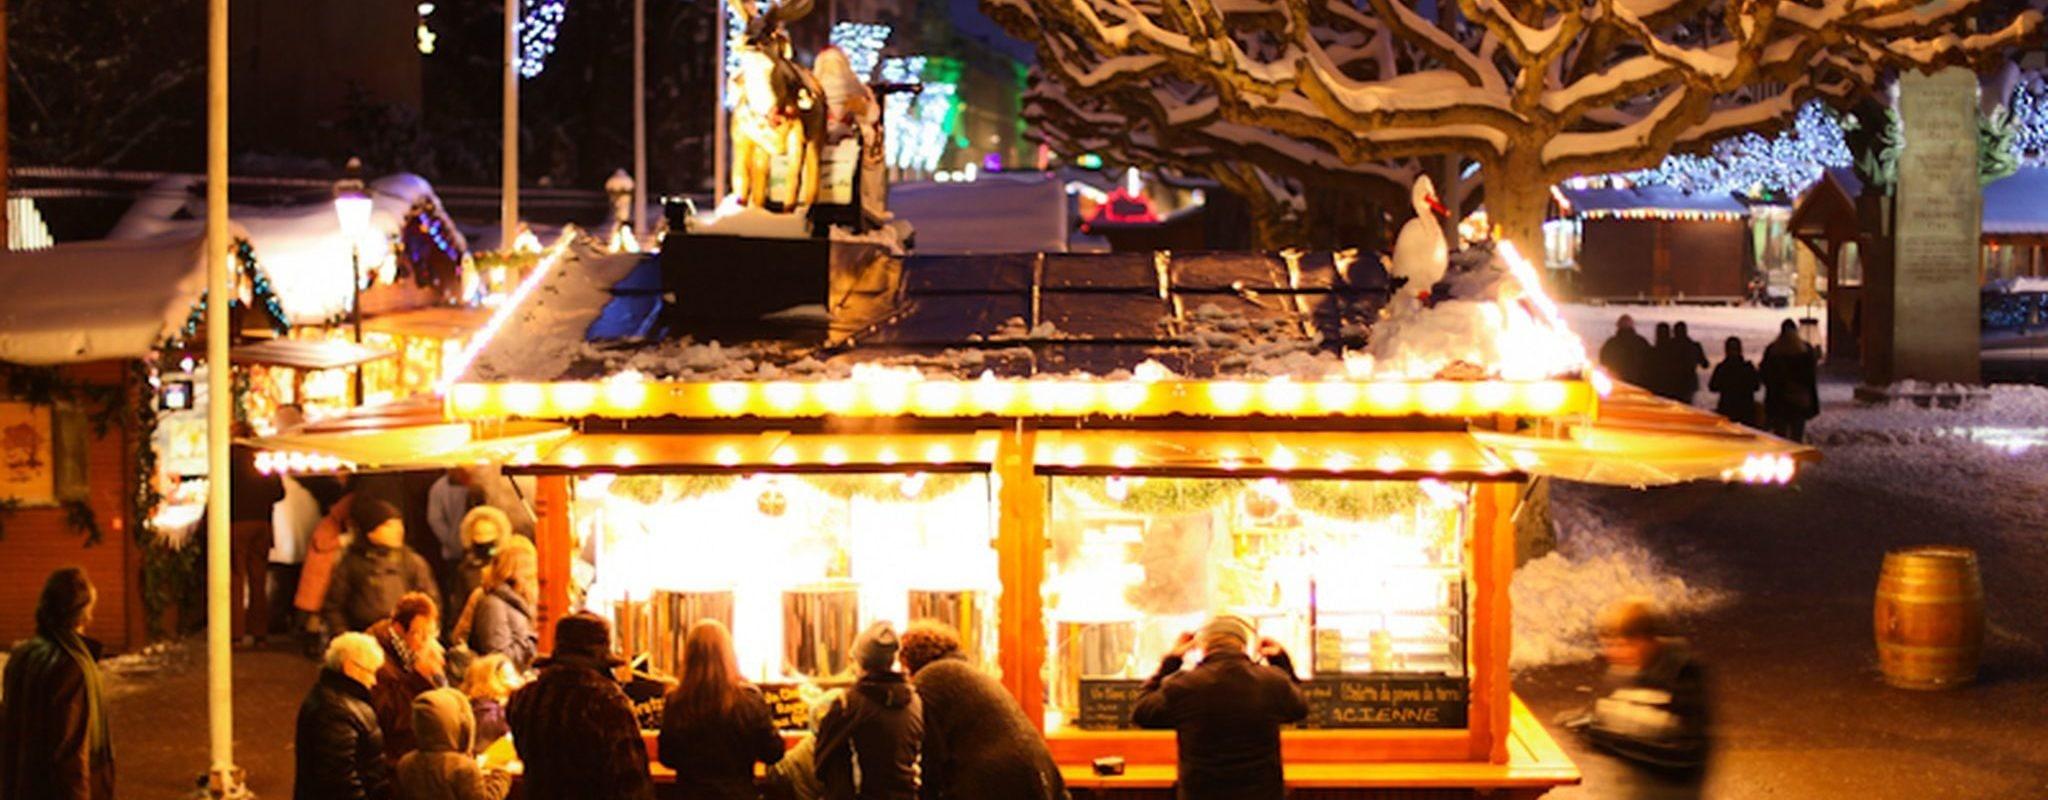 Le Marché de Noël sous covid : un casse-tête entre fin des checkpoints, chalets espacés et zones de consommation